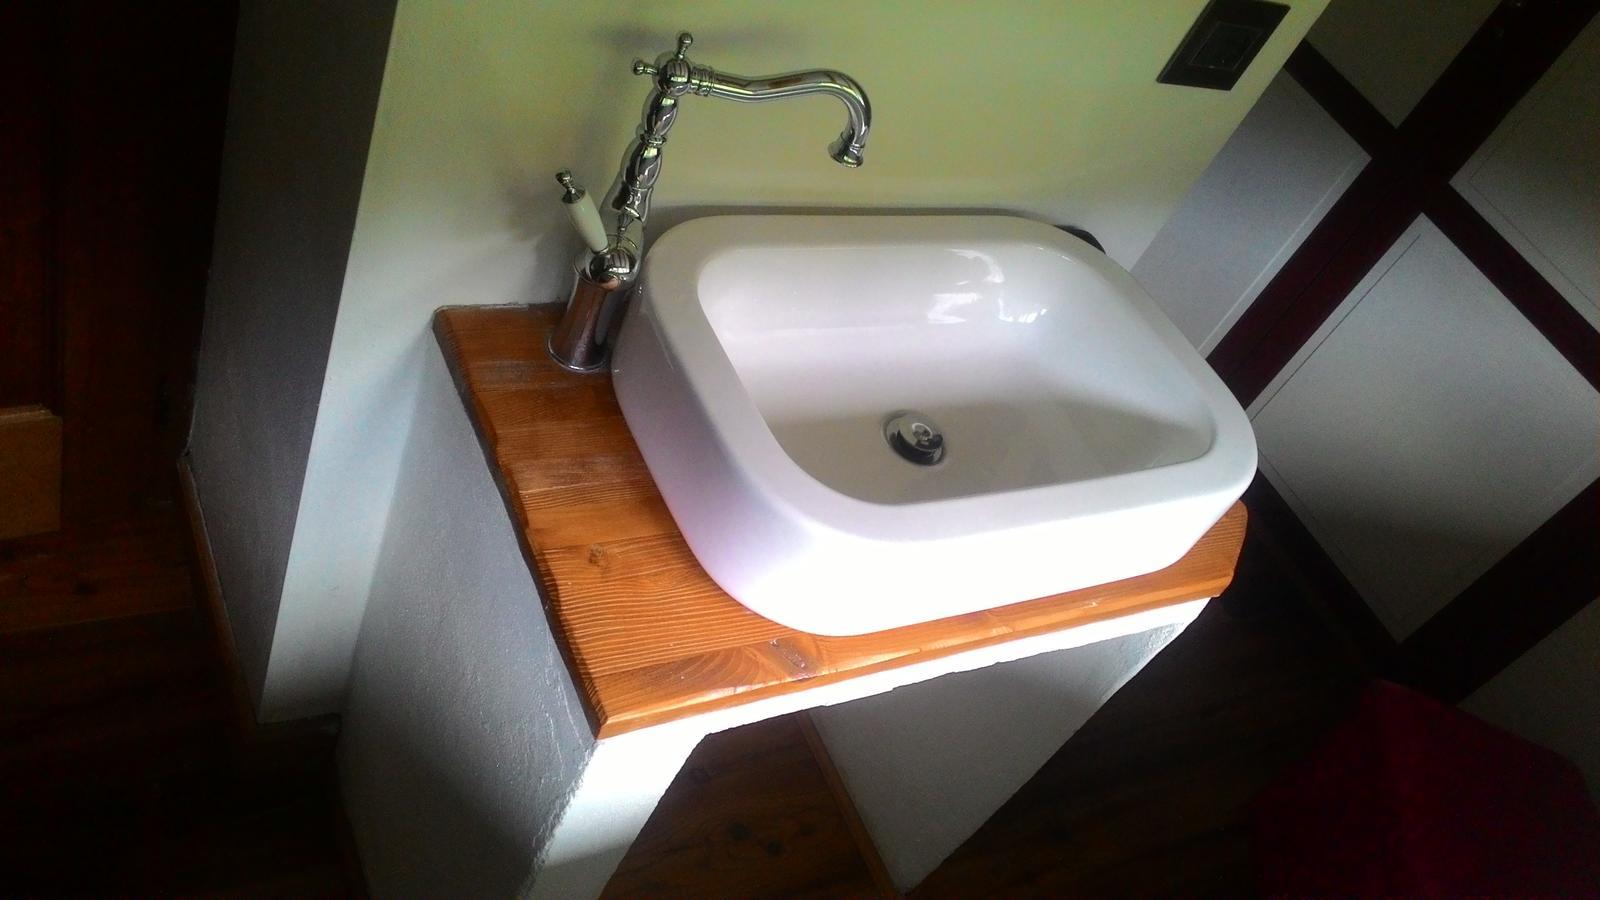 Koupelnovy nábytek může být... - Obrázek č. 1